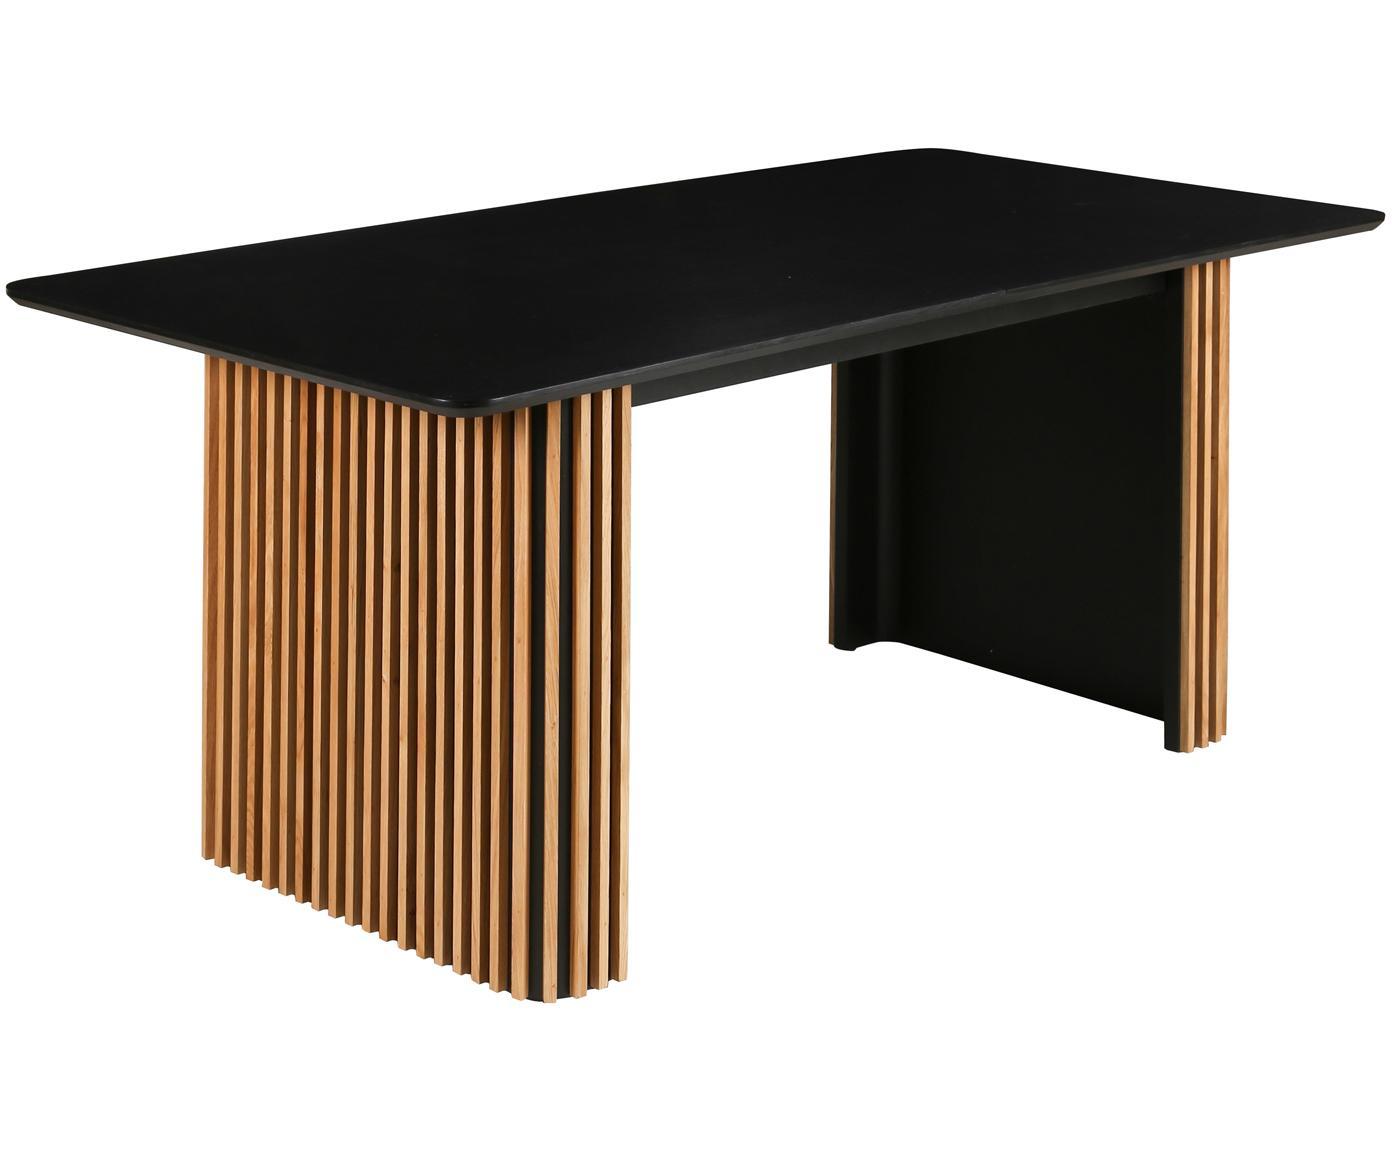 Verlängerbarer Esstisch Linea in Schwarz, Schwarz, Eichenholz, B 180 bis 230 x T 90 cm